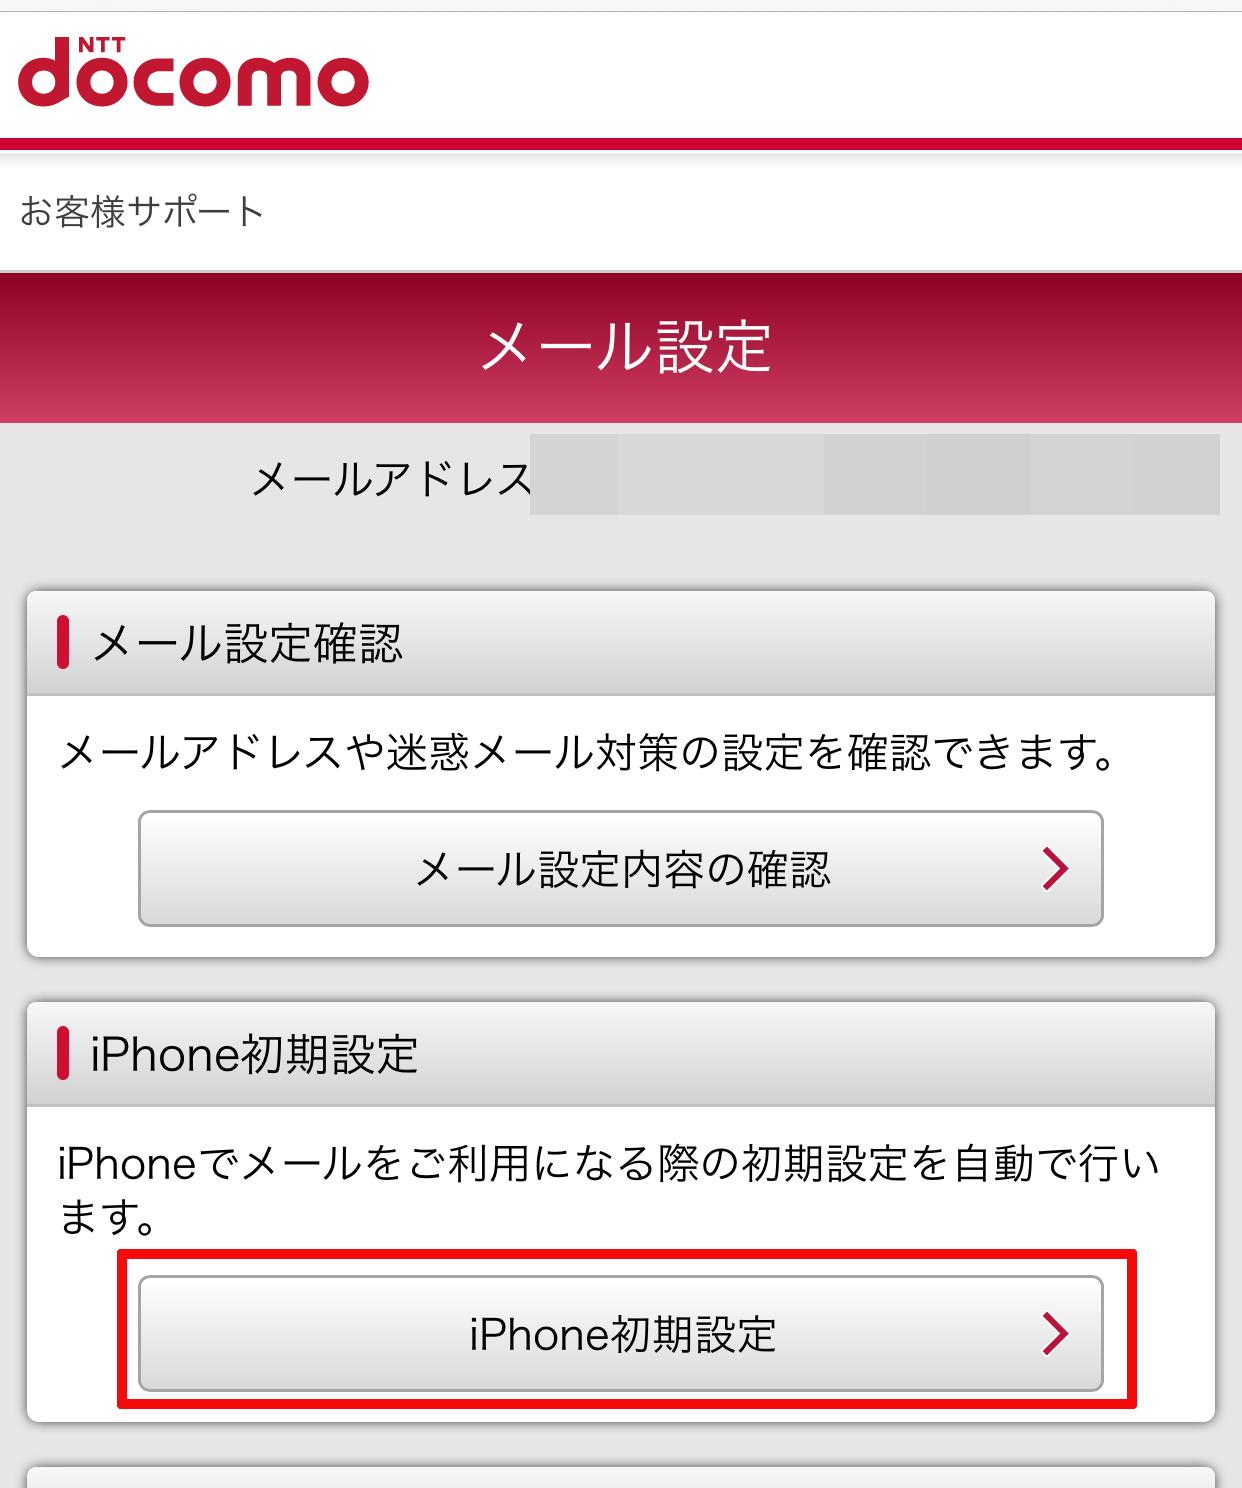 「メール設定」のページが表示されますのでその中にある「iPhone初期設定」をタップします。